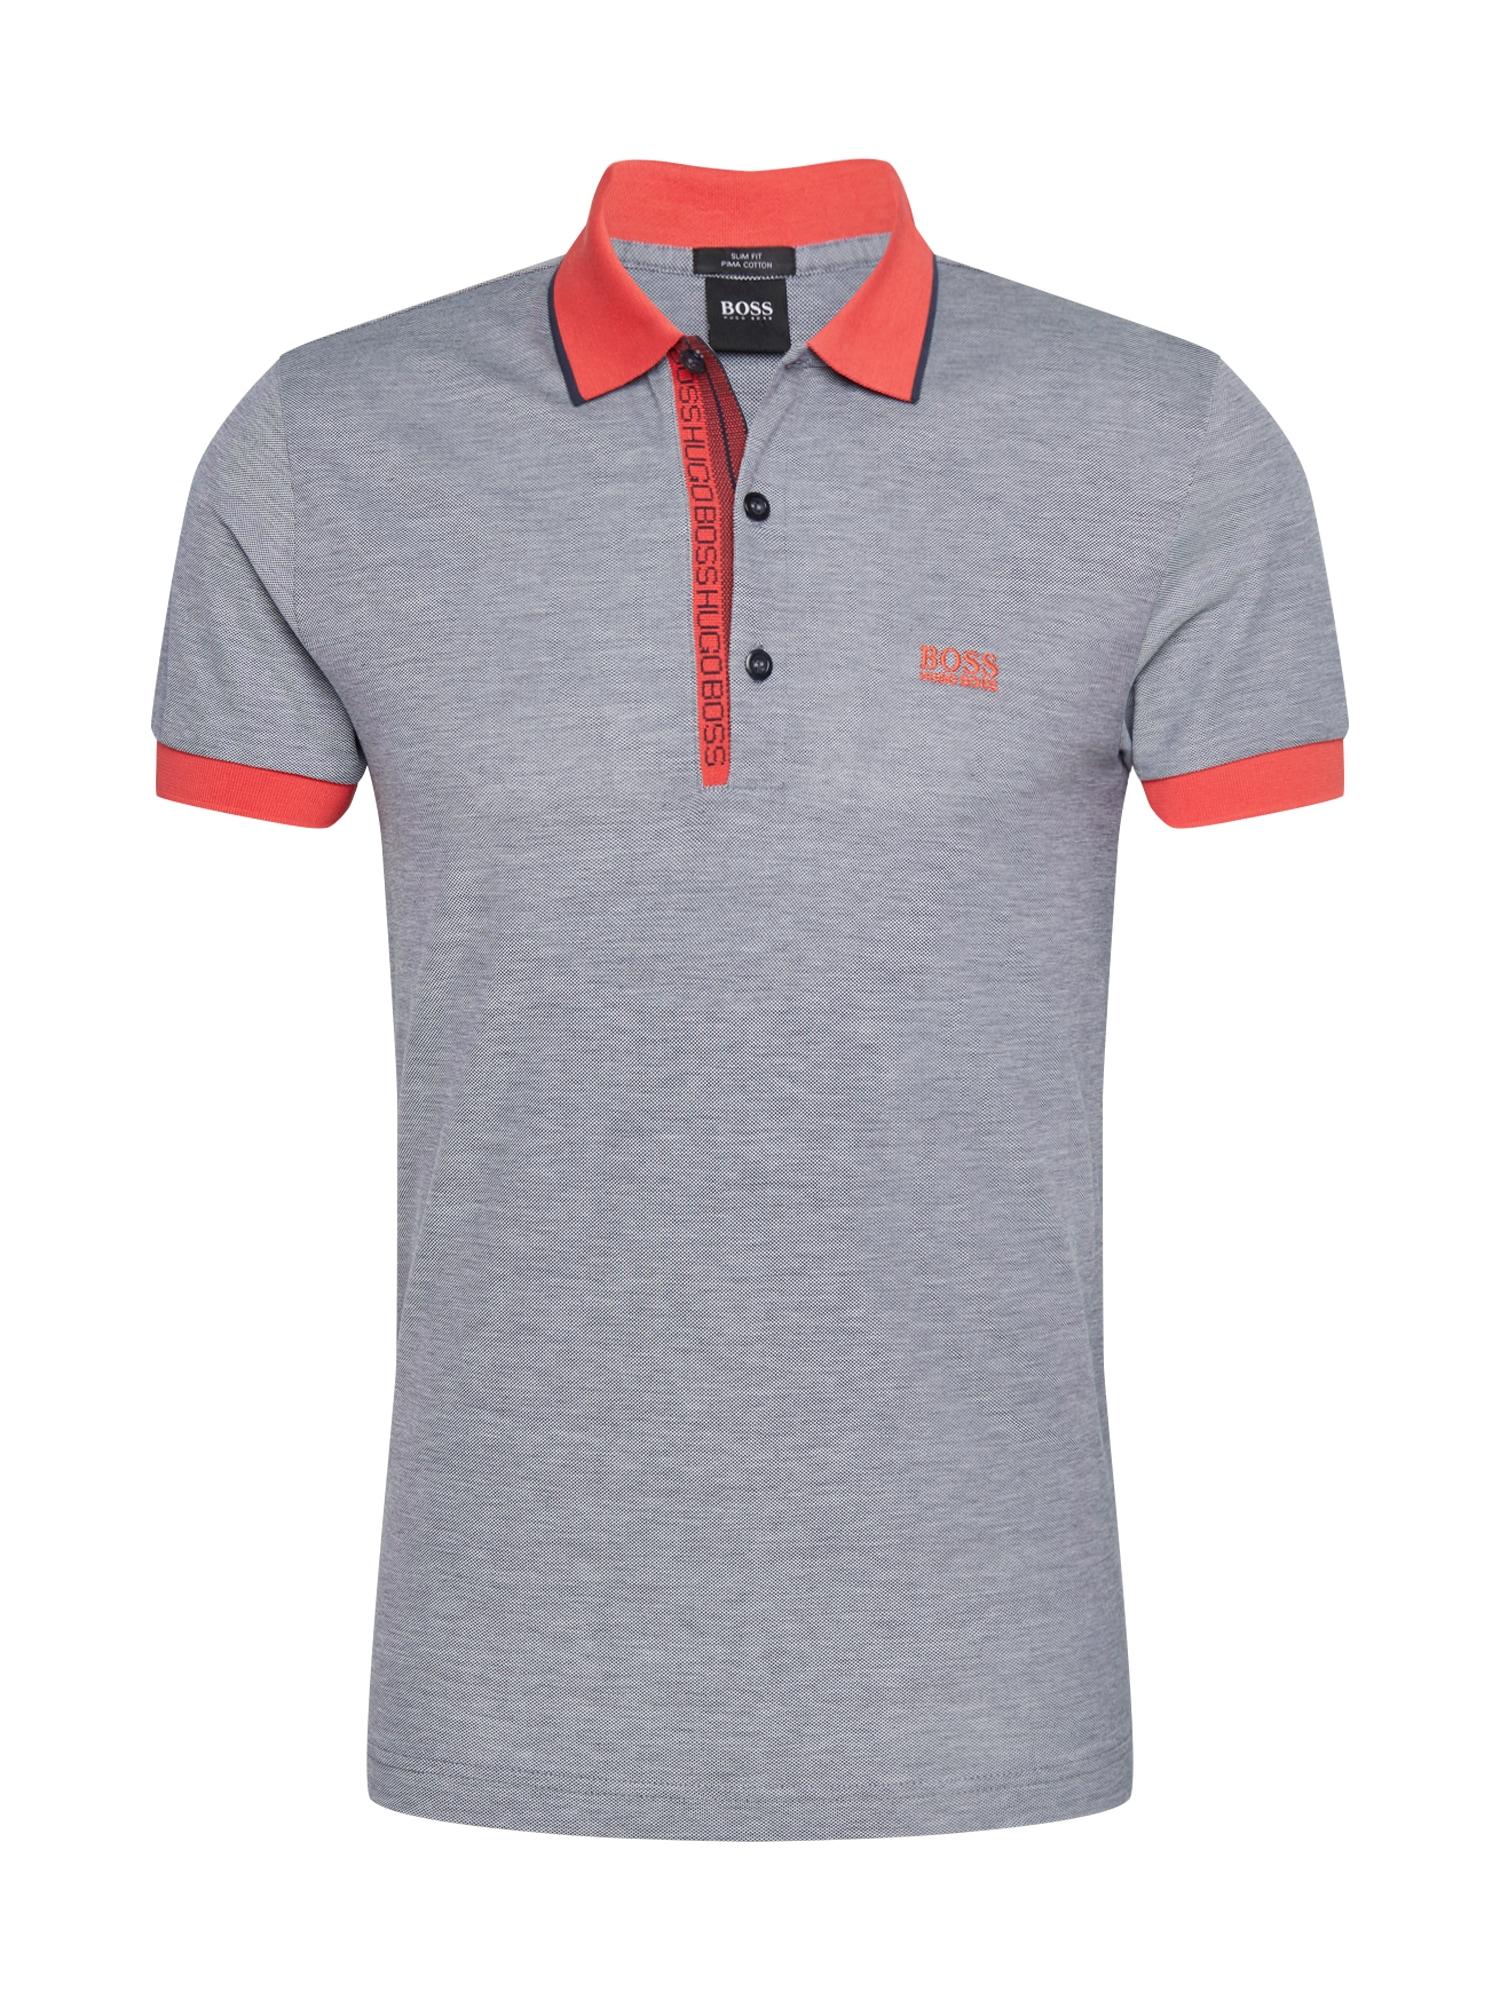 BOSS ATHLEISURE Marškinėliai 'Paule 4' margai pilka / ryškiai raudona